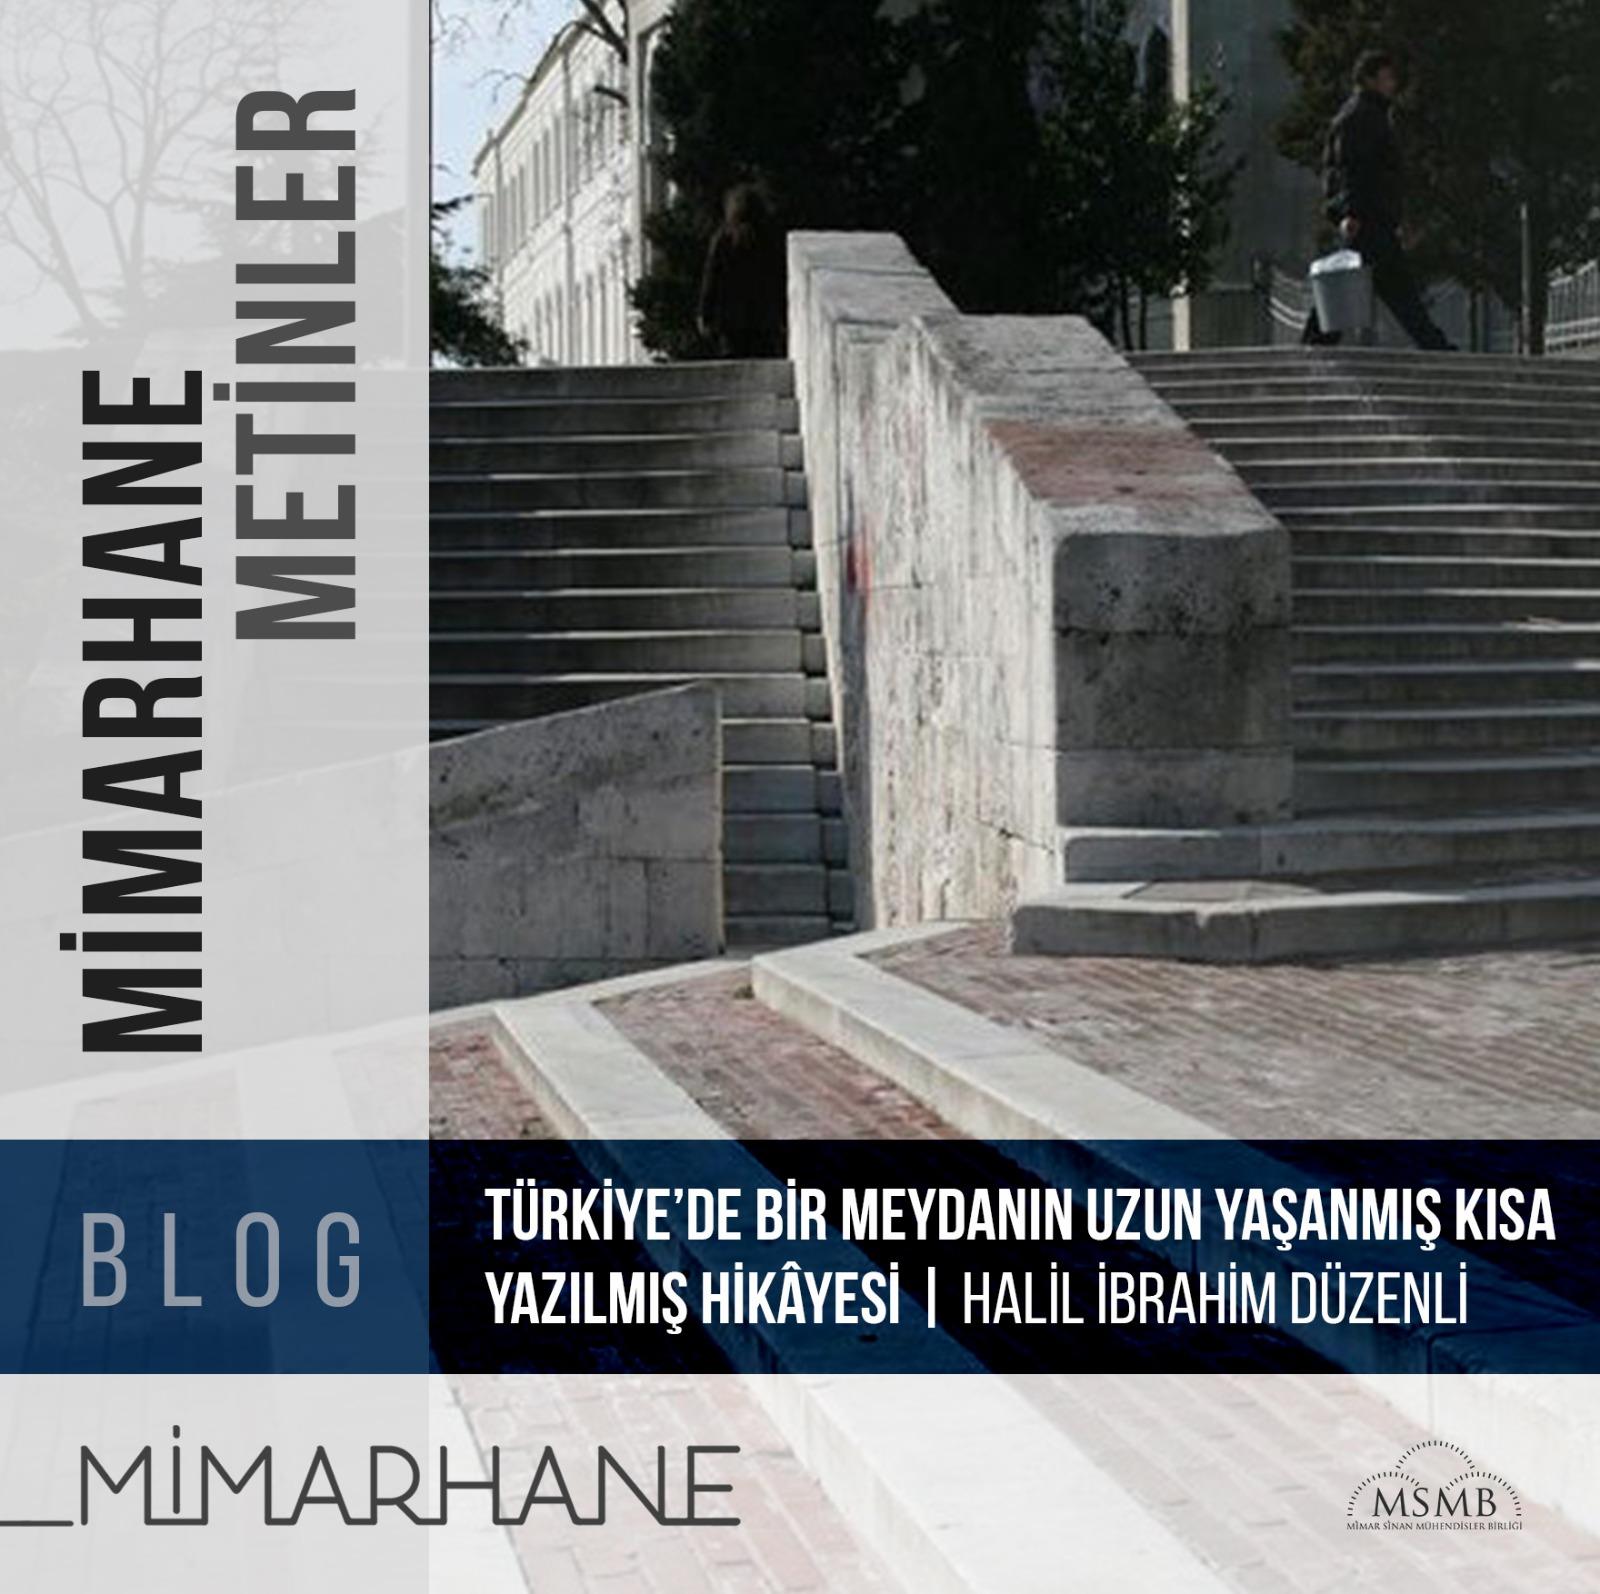 Türkiye'de Bir Meydanın Uzun Yaşanmış Kısa Yazılmış Hikâyesi* | Halil İbrahim Düzenli